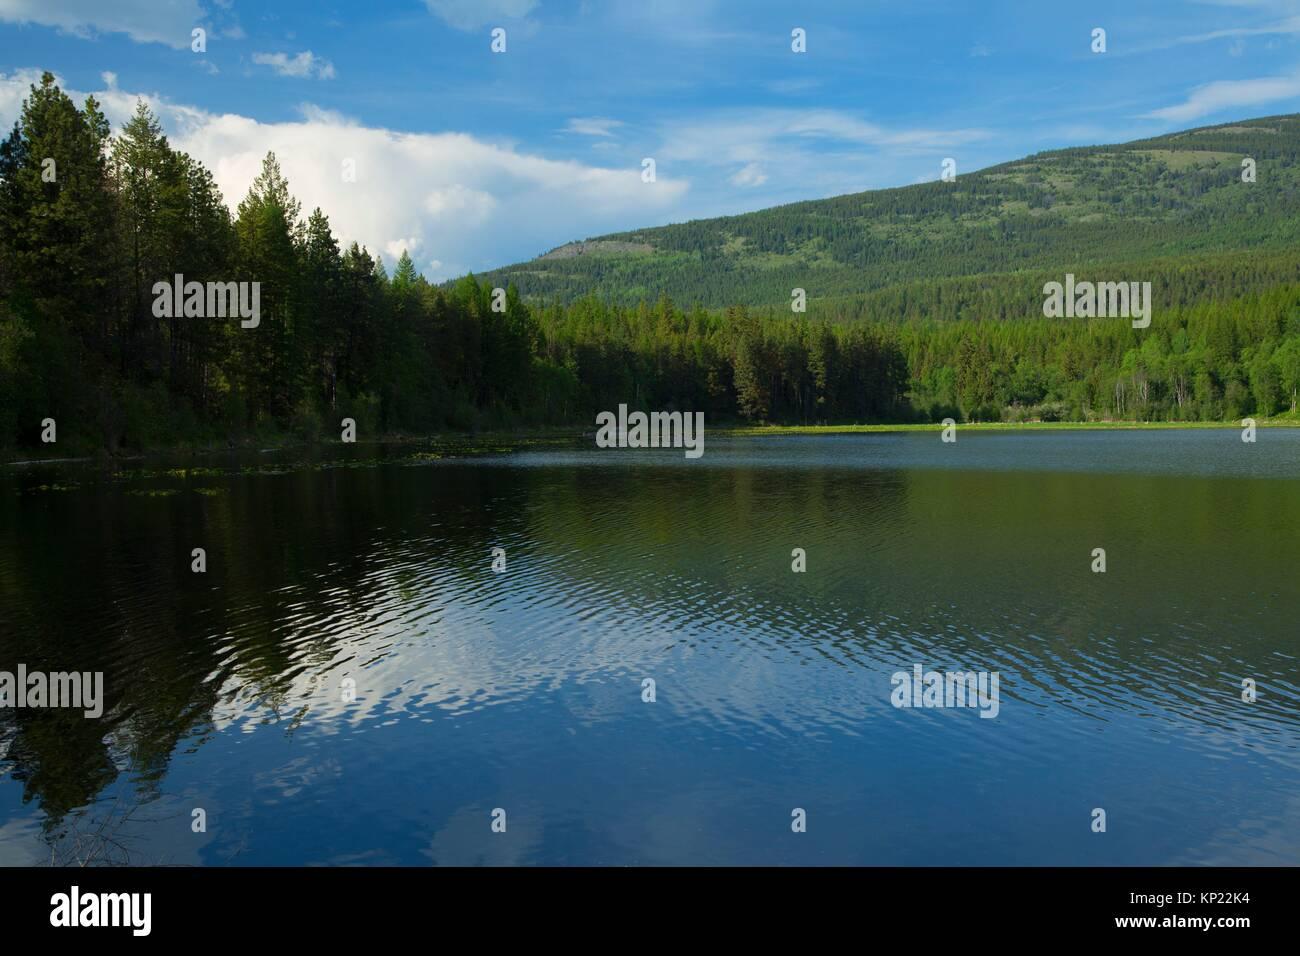 Brush Lake, Kaniksu National Forest, Idaho. - Stock Image